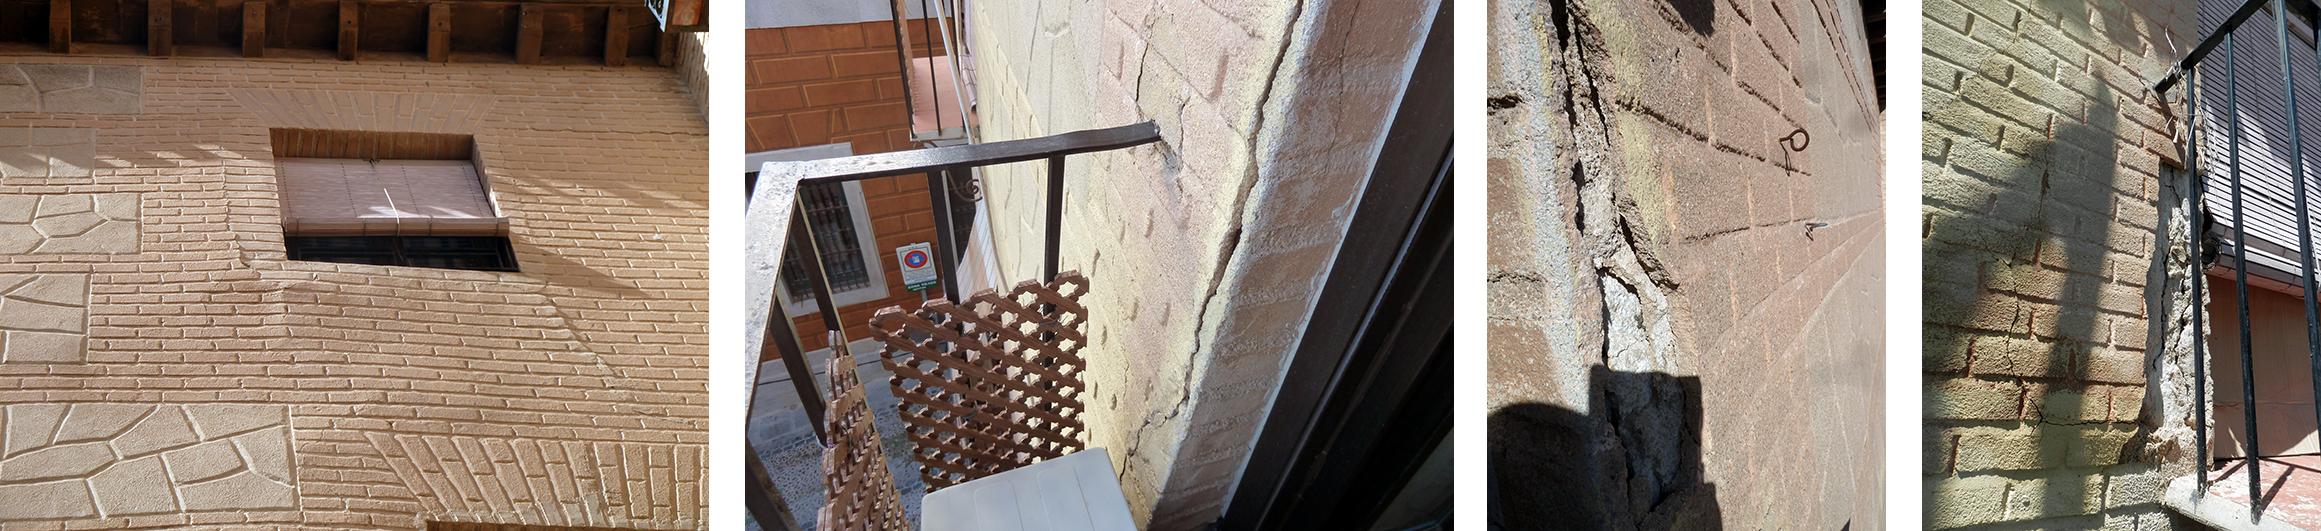 Punta paleta. Detalles fachada Instituto 23, Toledo